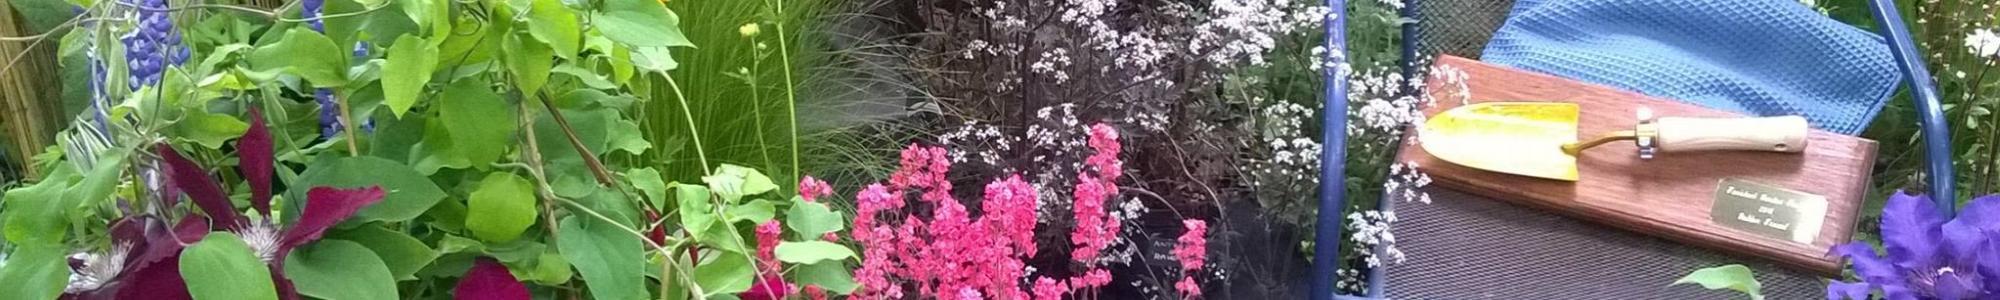 Tavistock Country Garden Show Display Garden